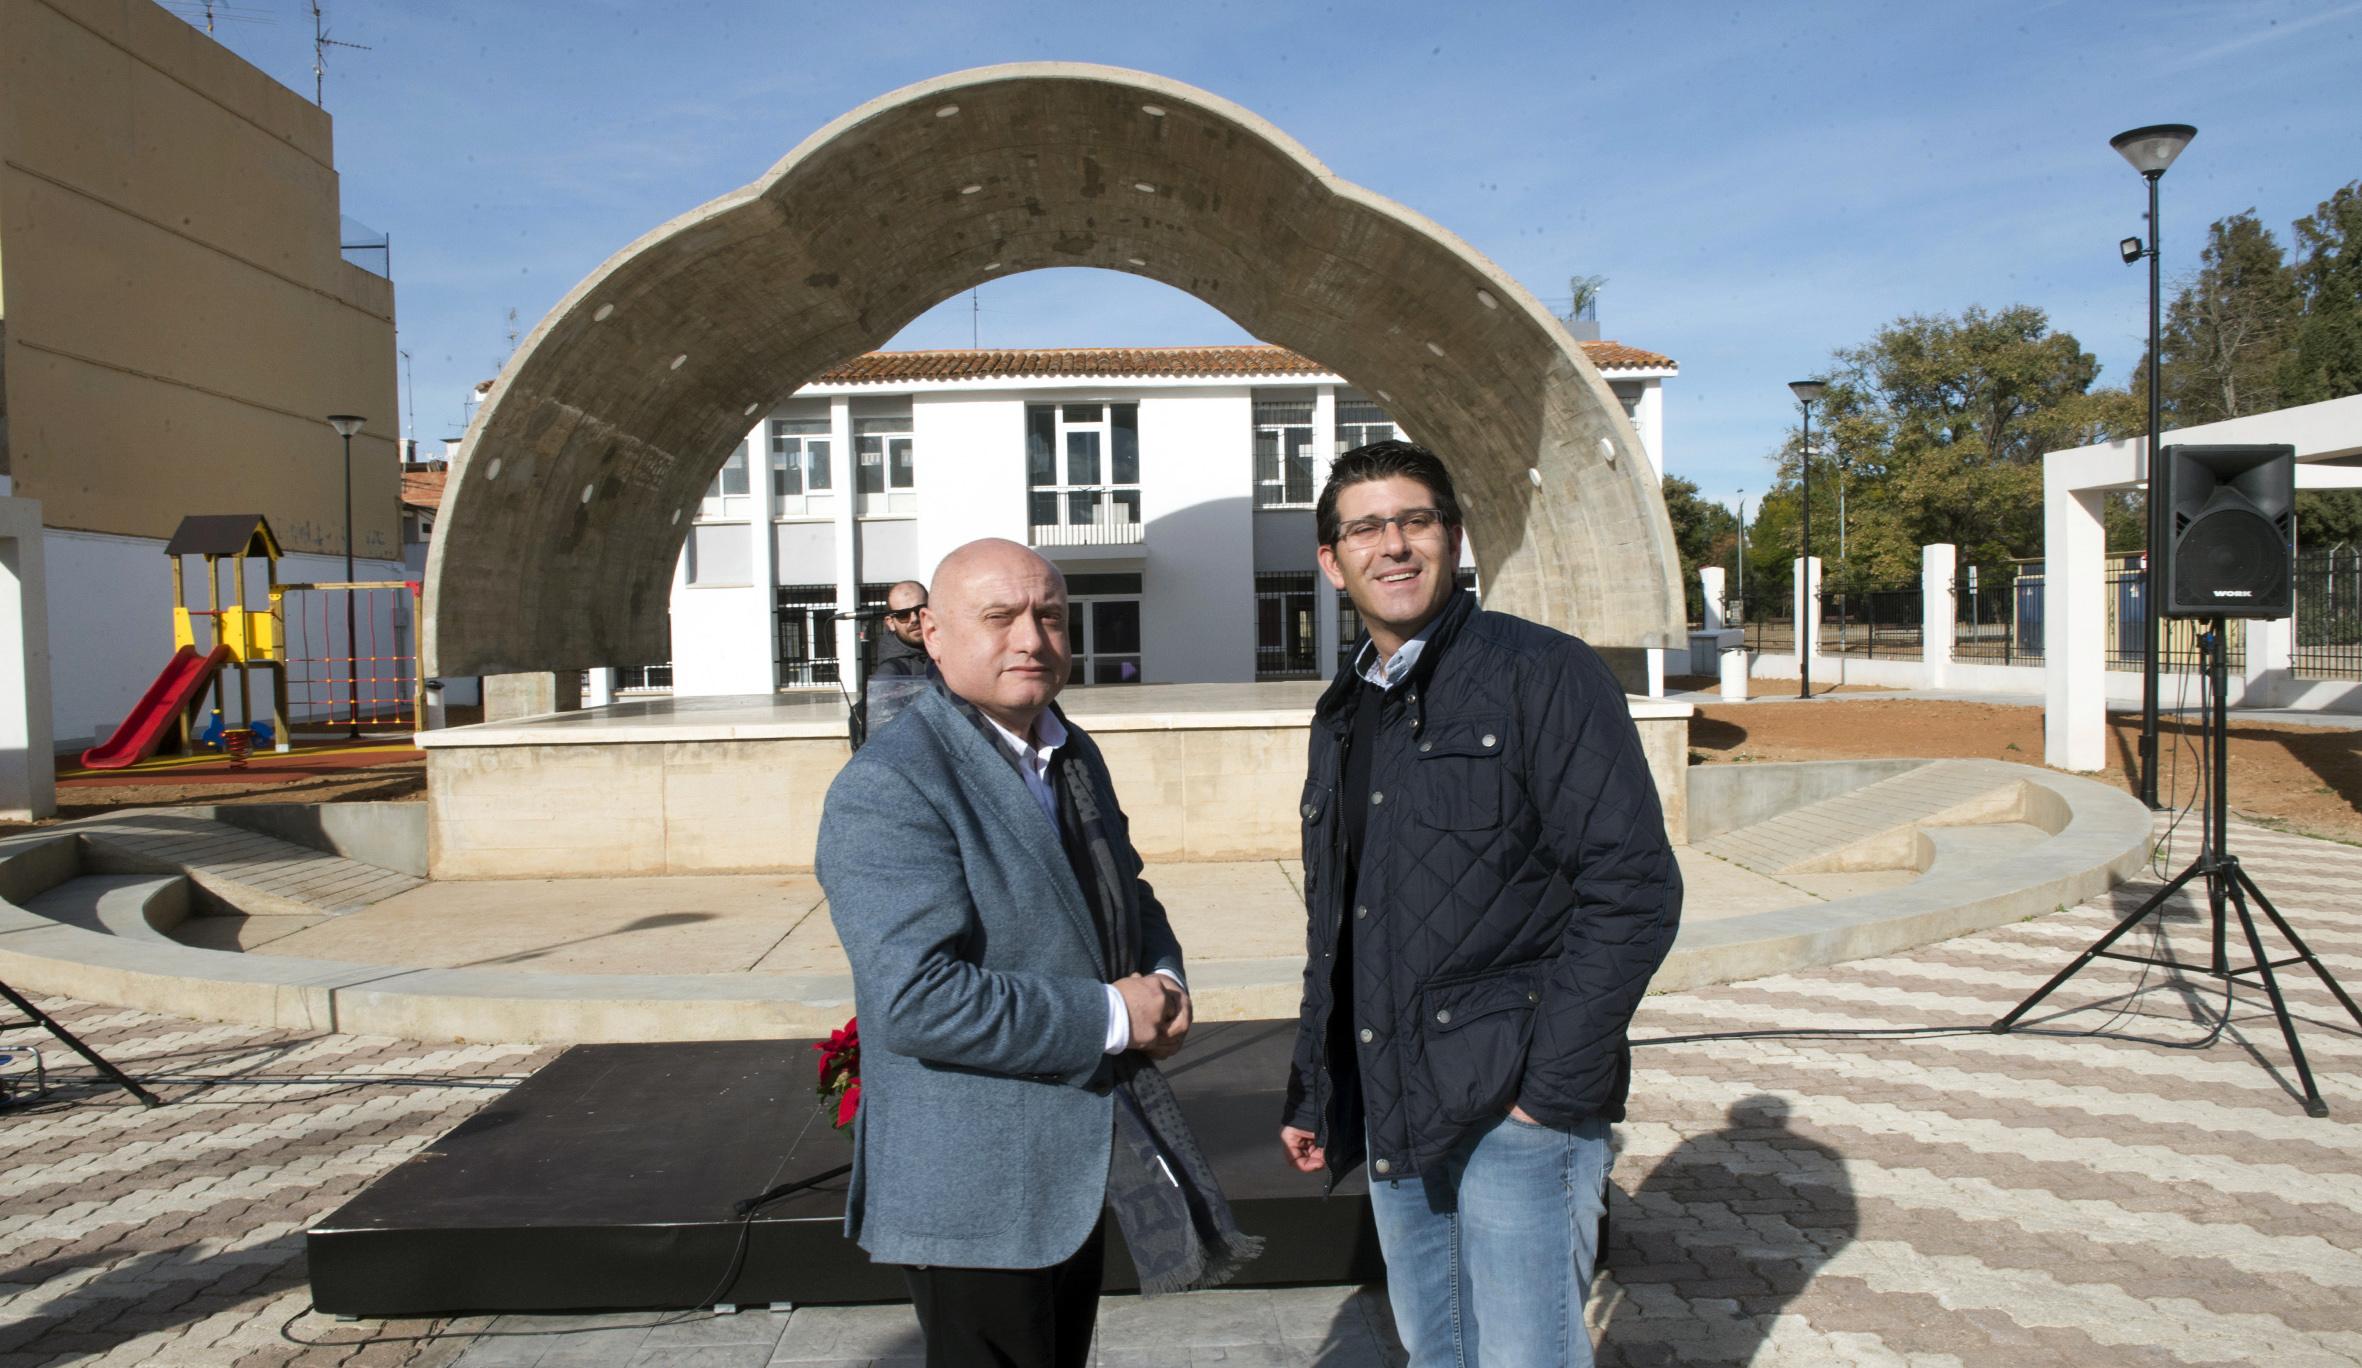 El alcalde, Francisco Teruel, explica a Rodríguez los detalles del futuro centro polivalente que proyecta el municipio con fondos provinciales.